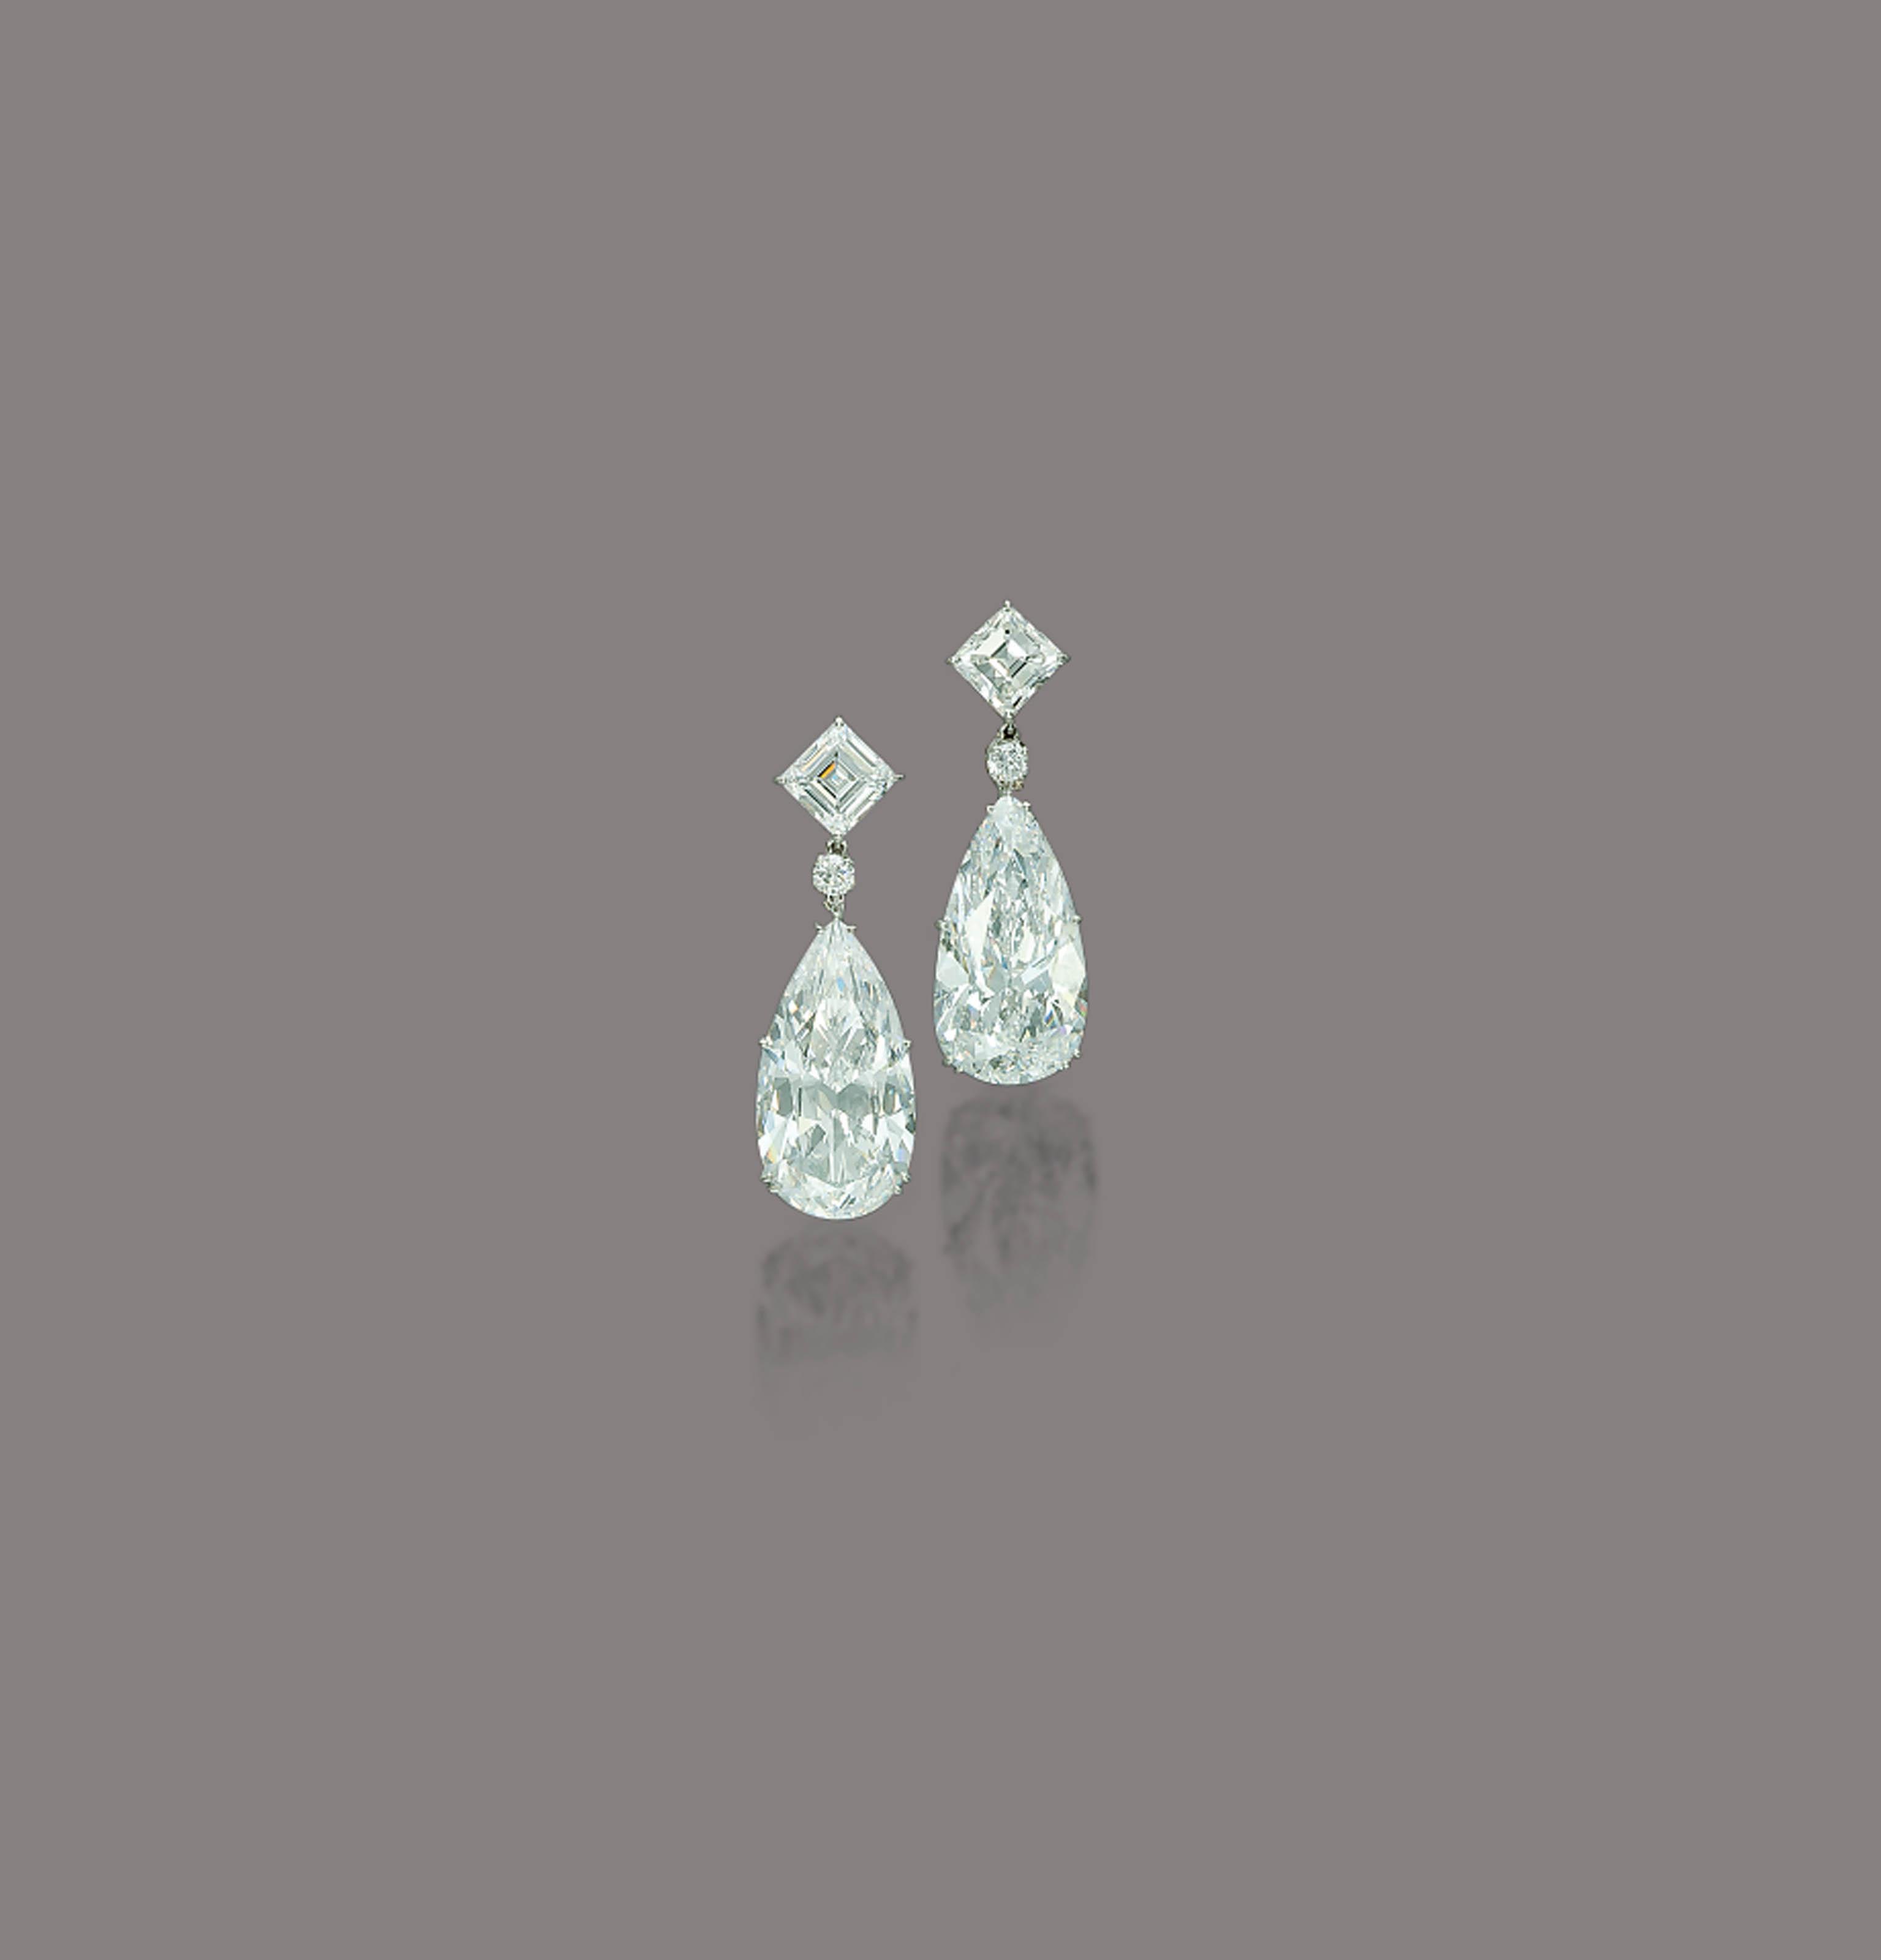 A PAIR OF STUNNING DIAMOND EAR